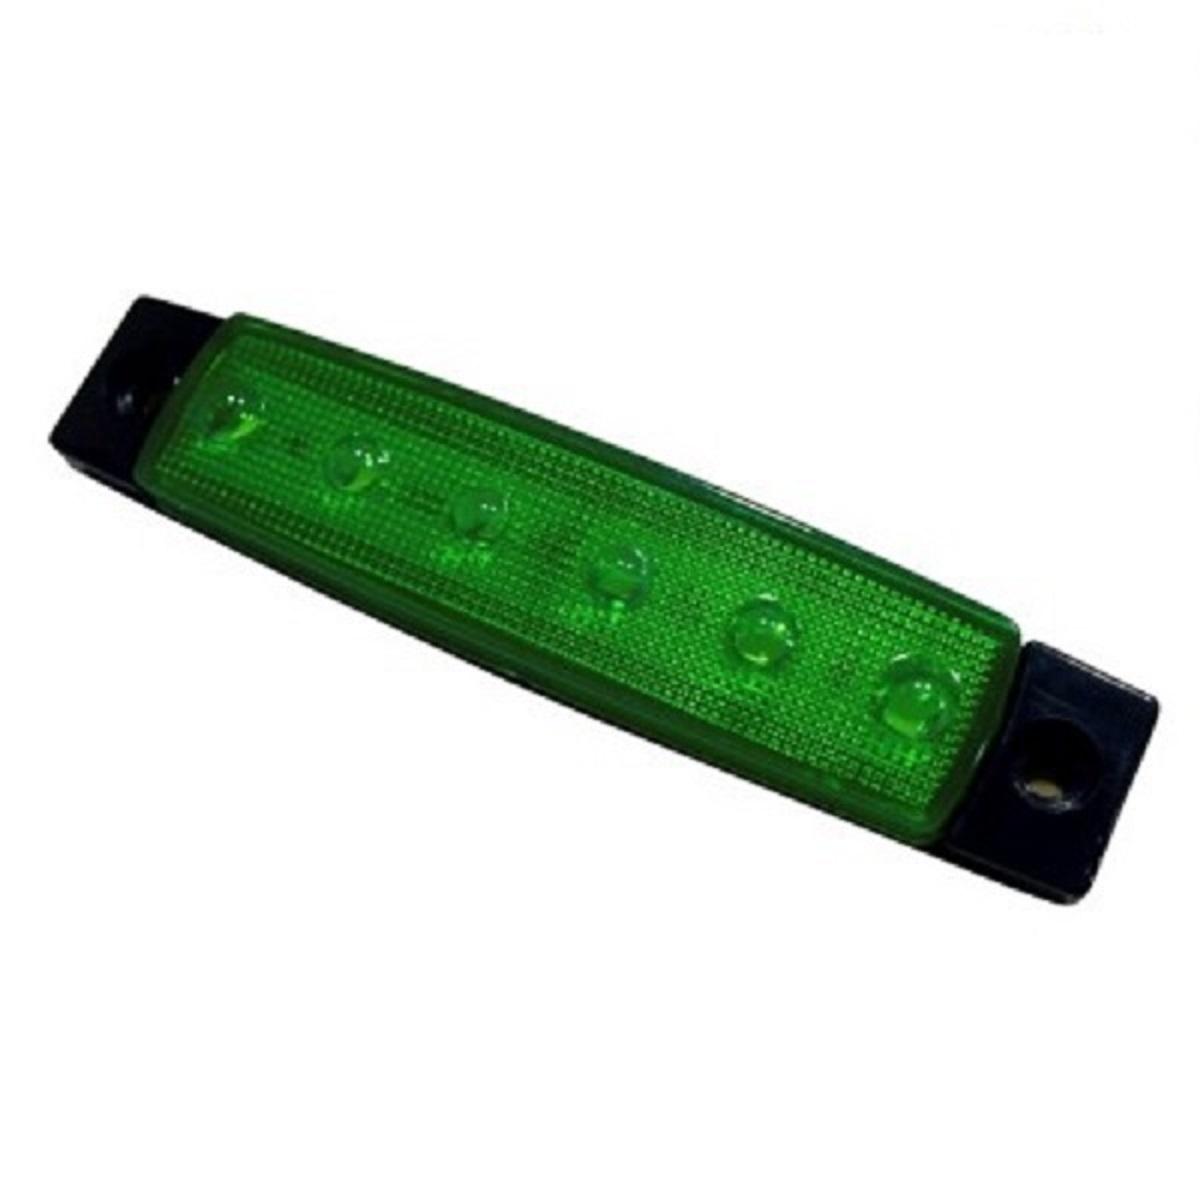 LED Όγκου 12V IP66 Πράσινο